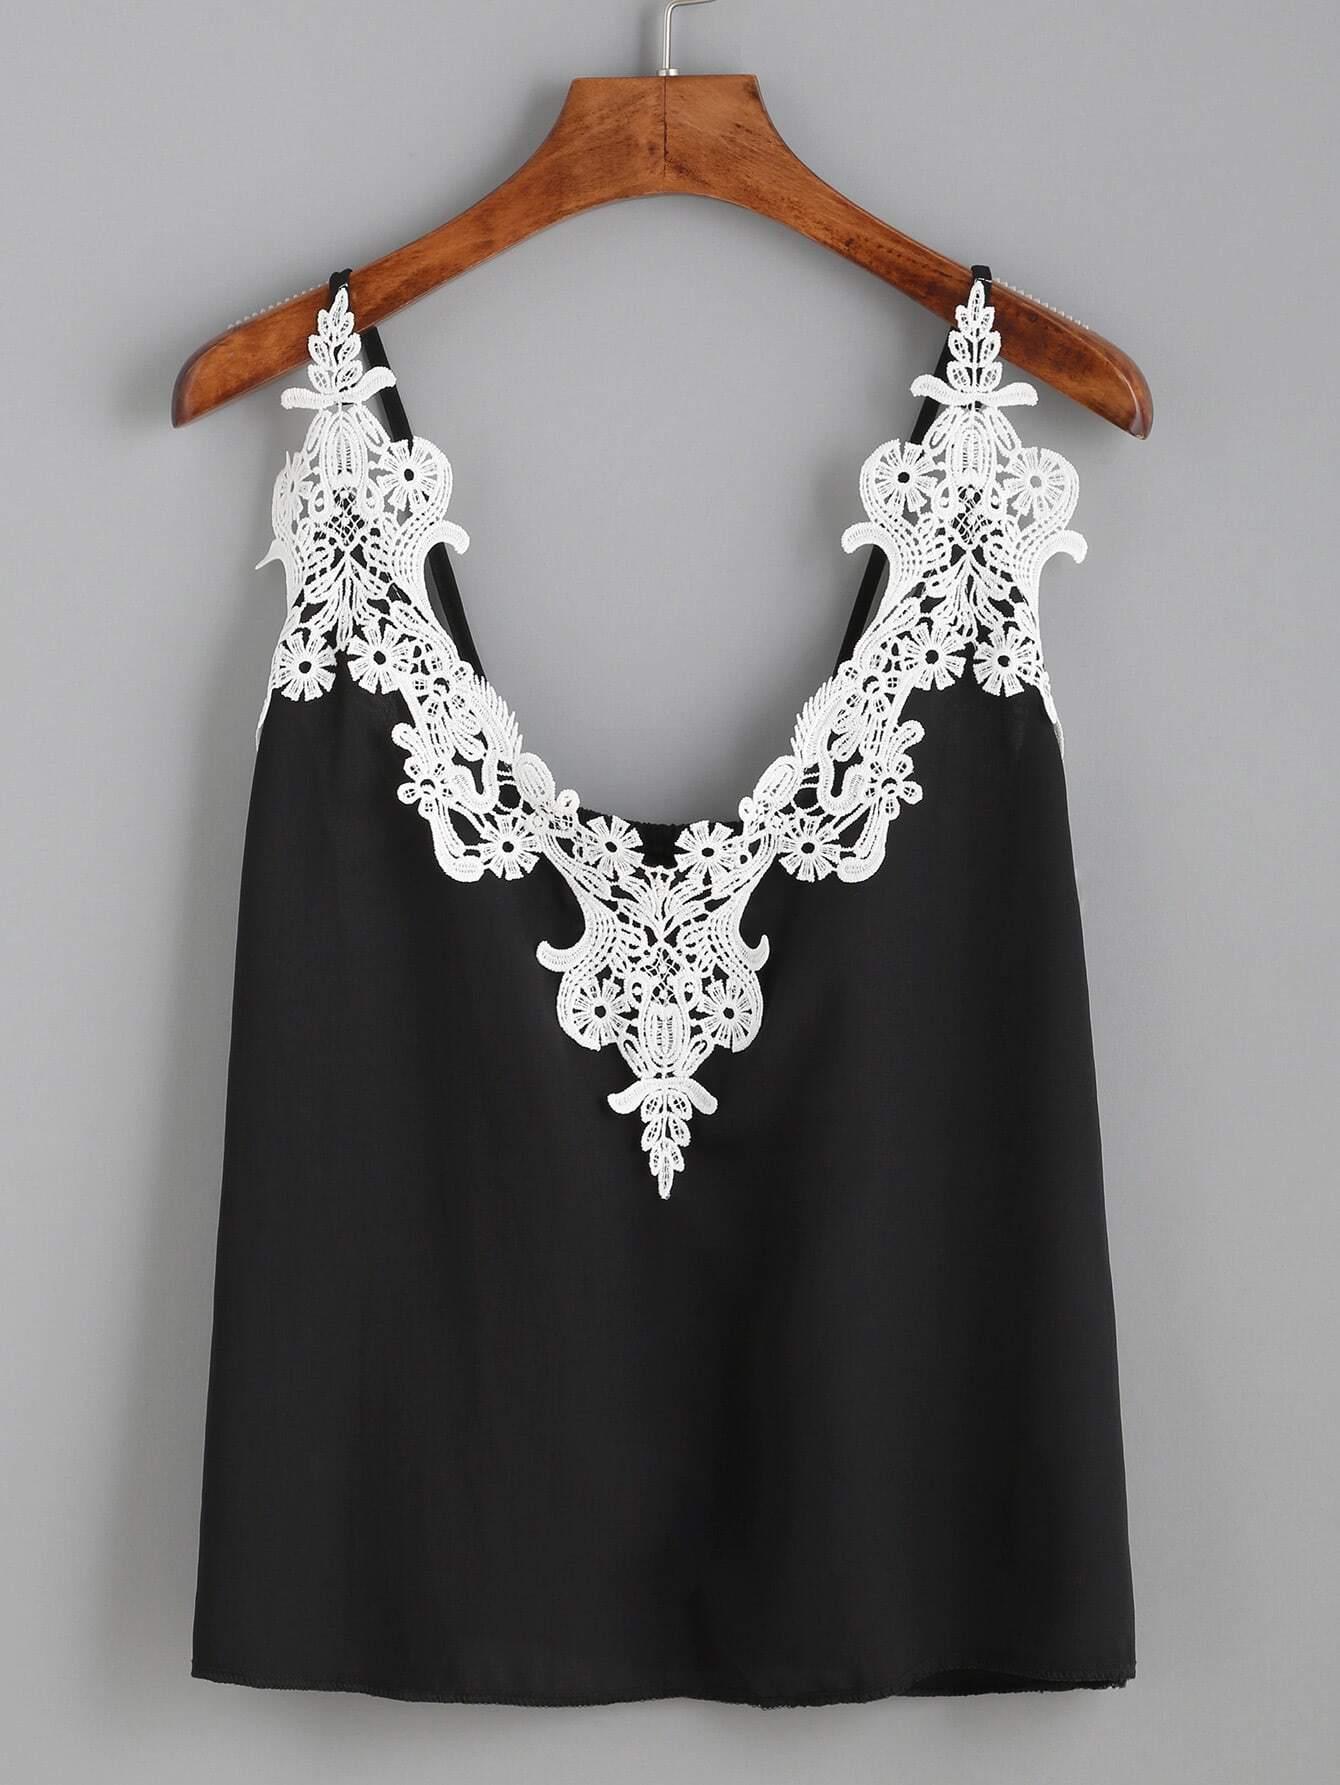 Фото Embroidered Lace Applique Cami Top. Купить с доставкой